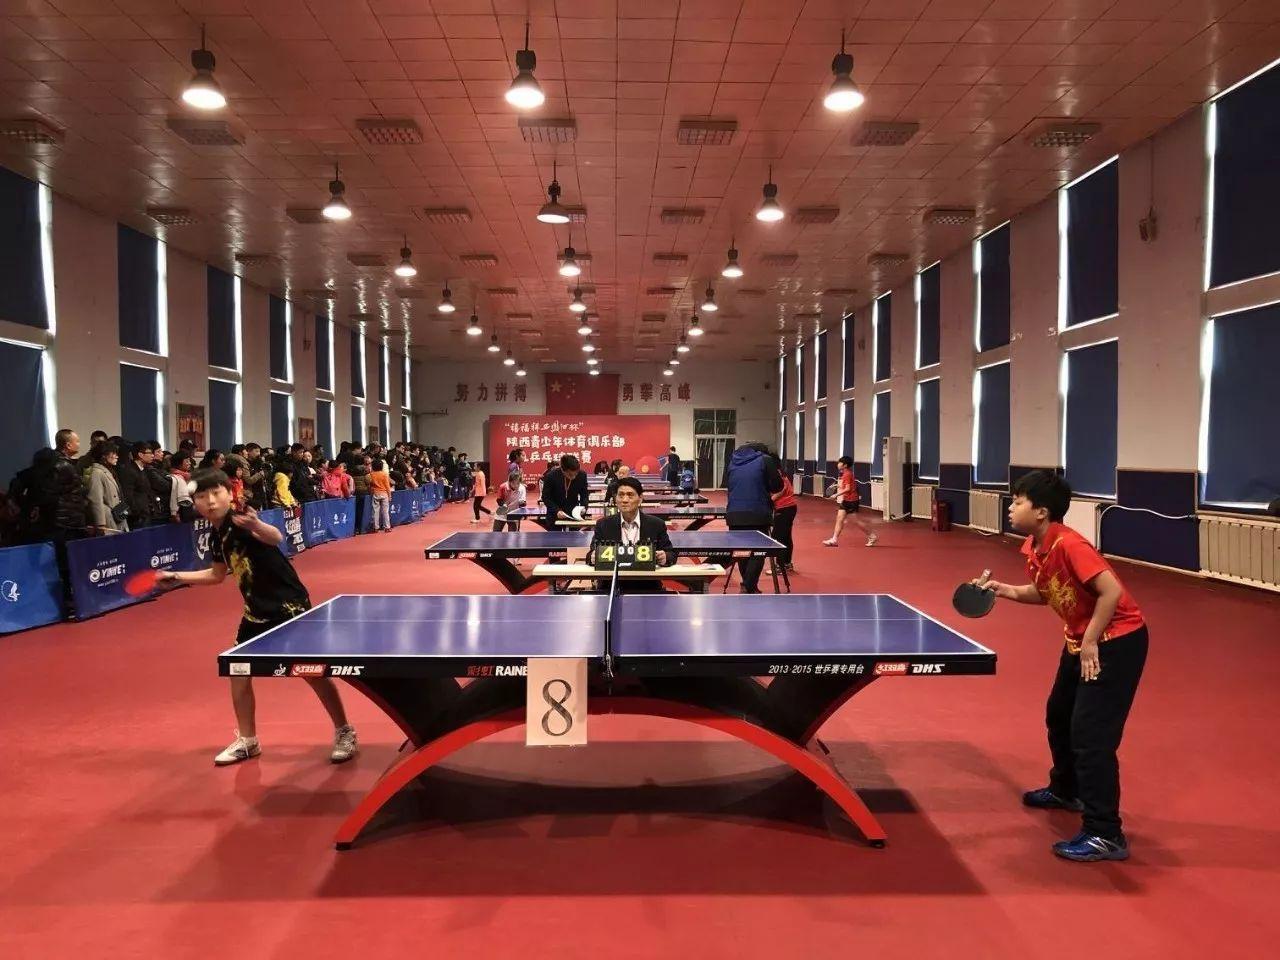 陕西省青少年体育俱乐部乒乓球西部收拍英式马术和联赛马术图片